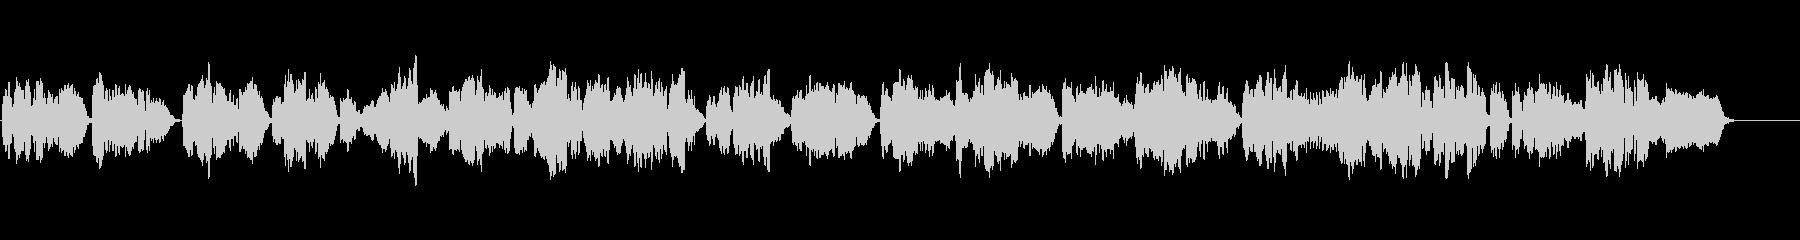 シューマンの歌曲をヴァイオリンでの未再生の波形